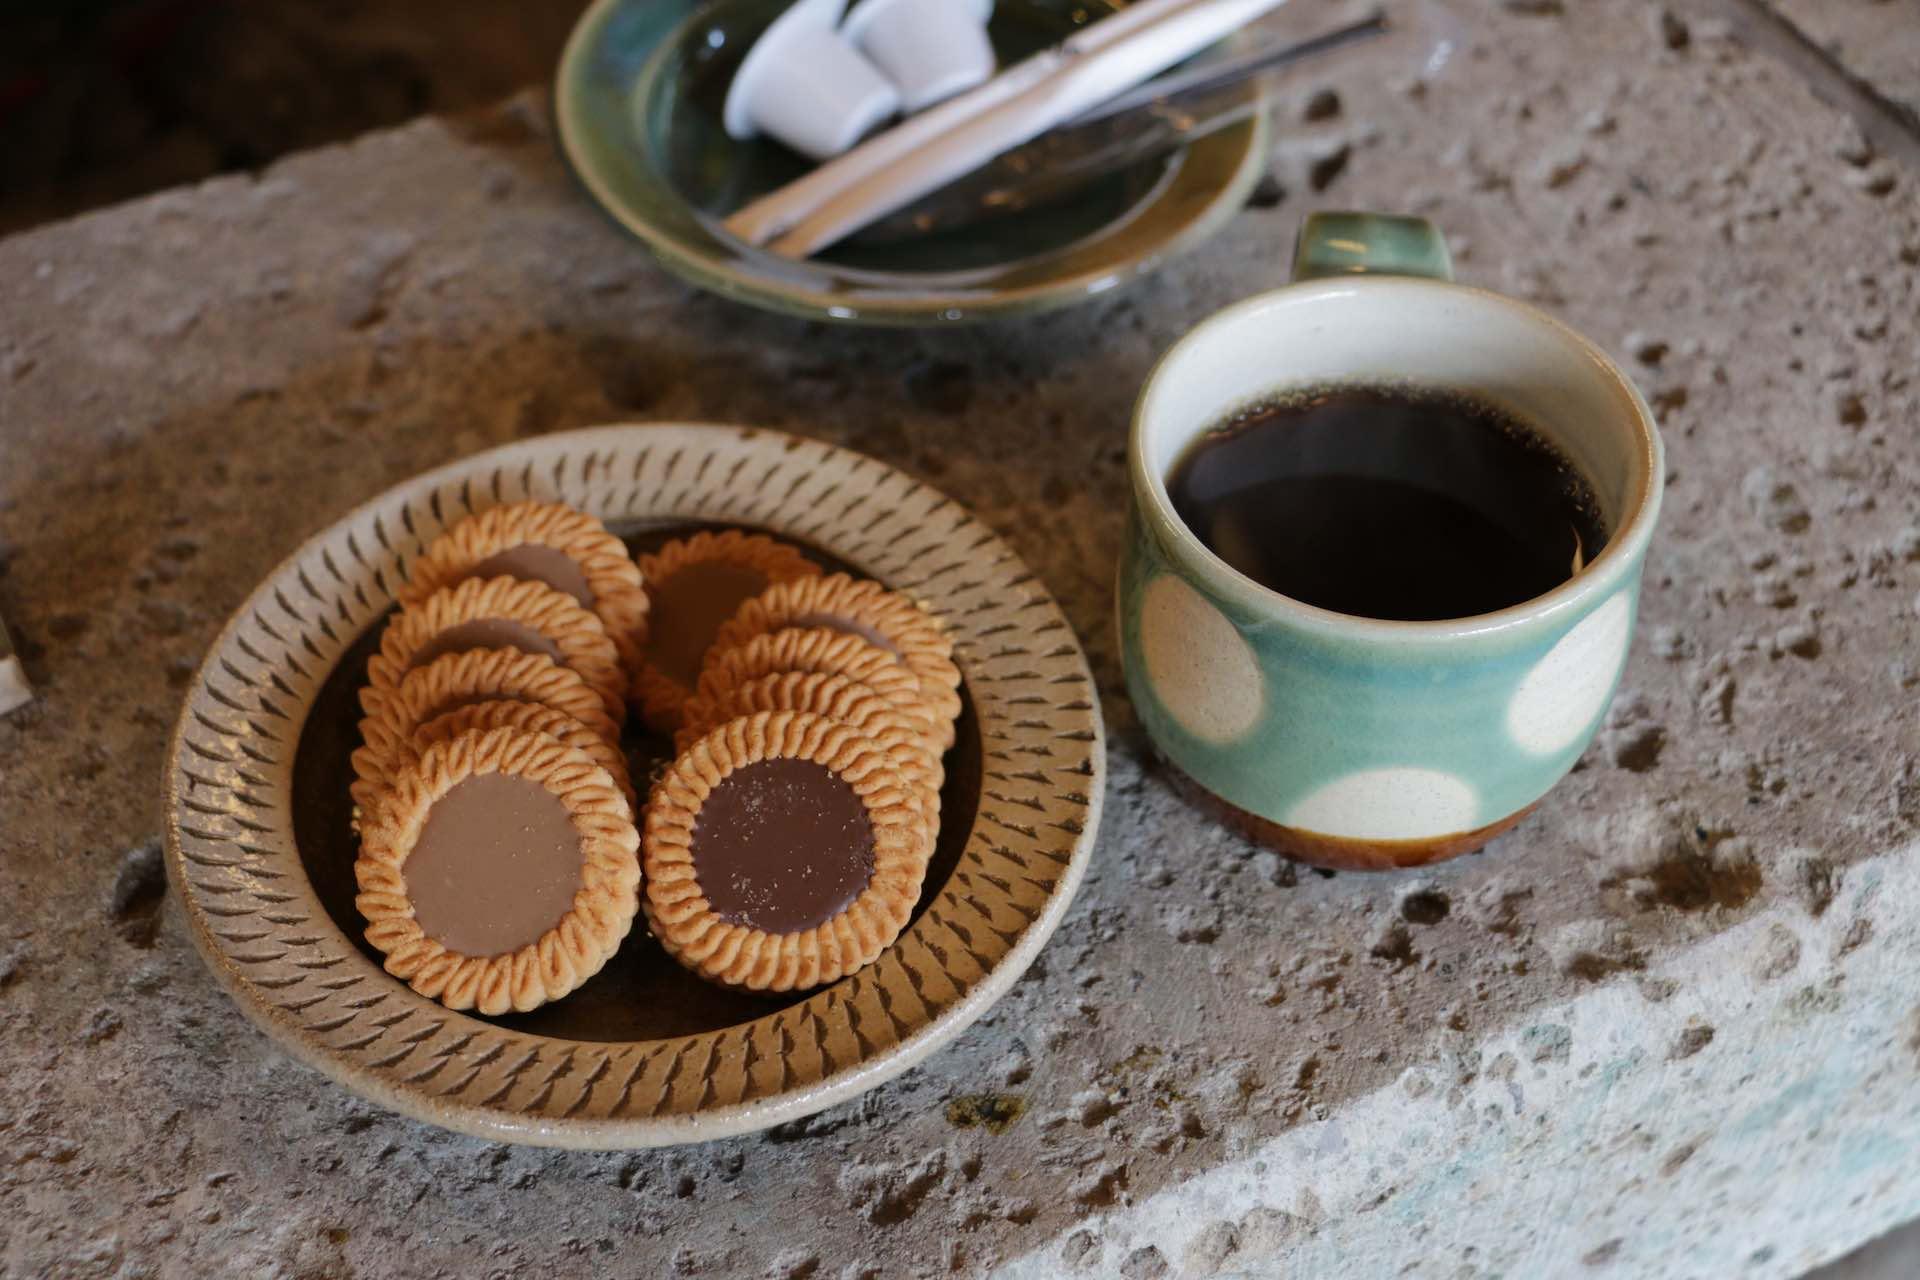 お菓子の器は智さん作、コーヒーカップは若葉さん作